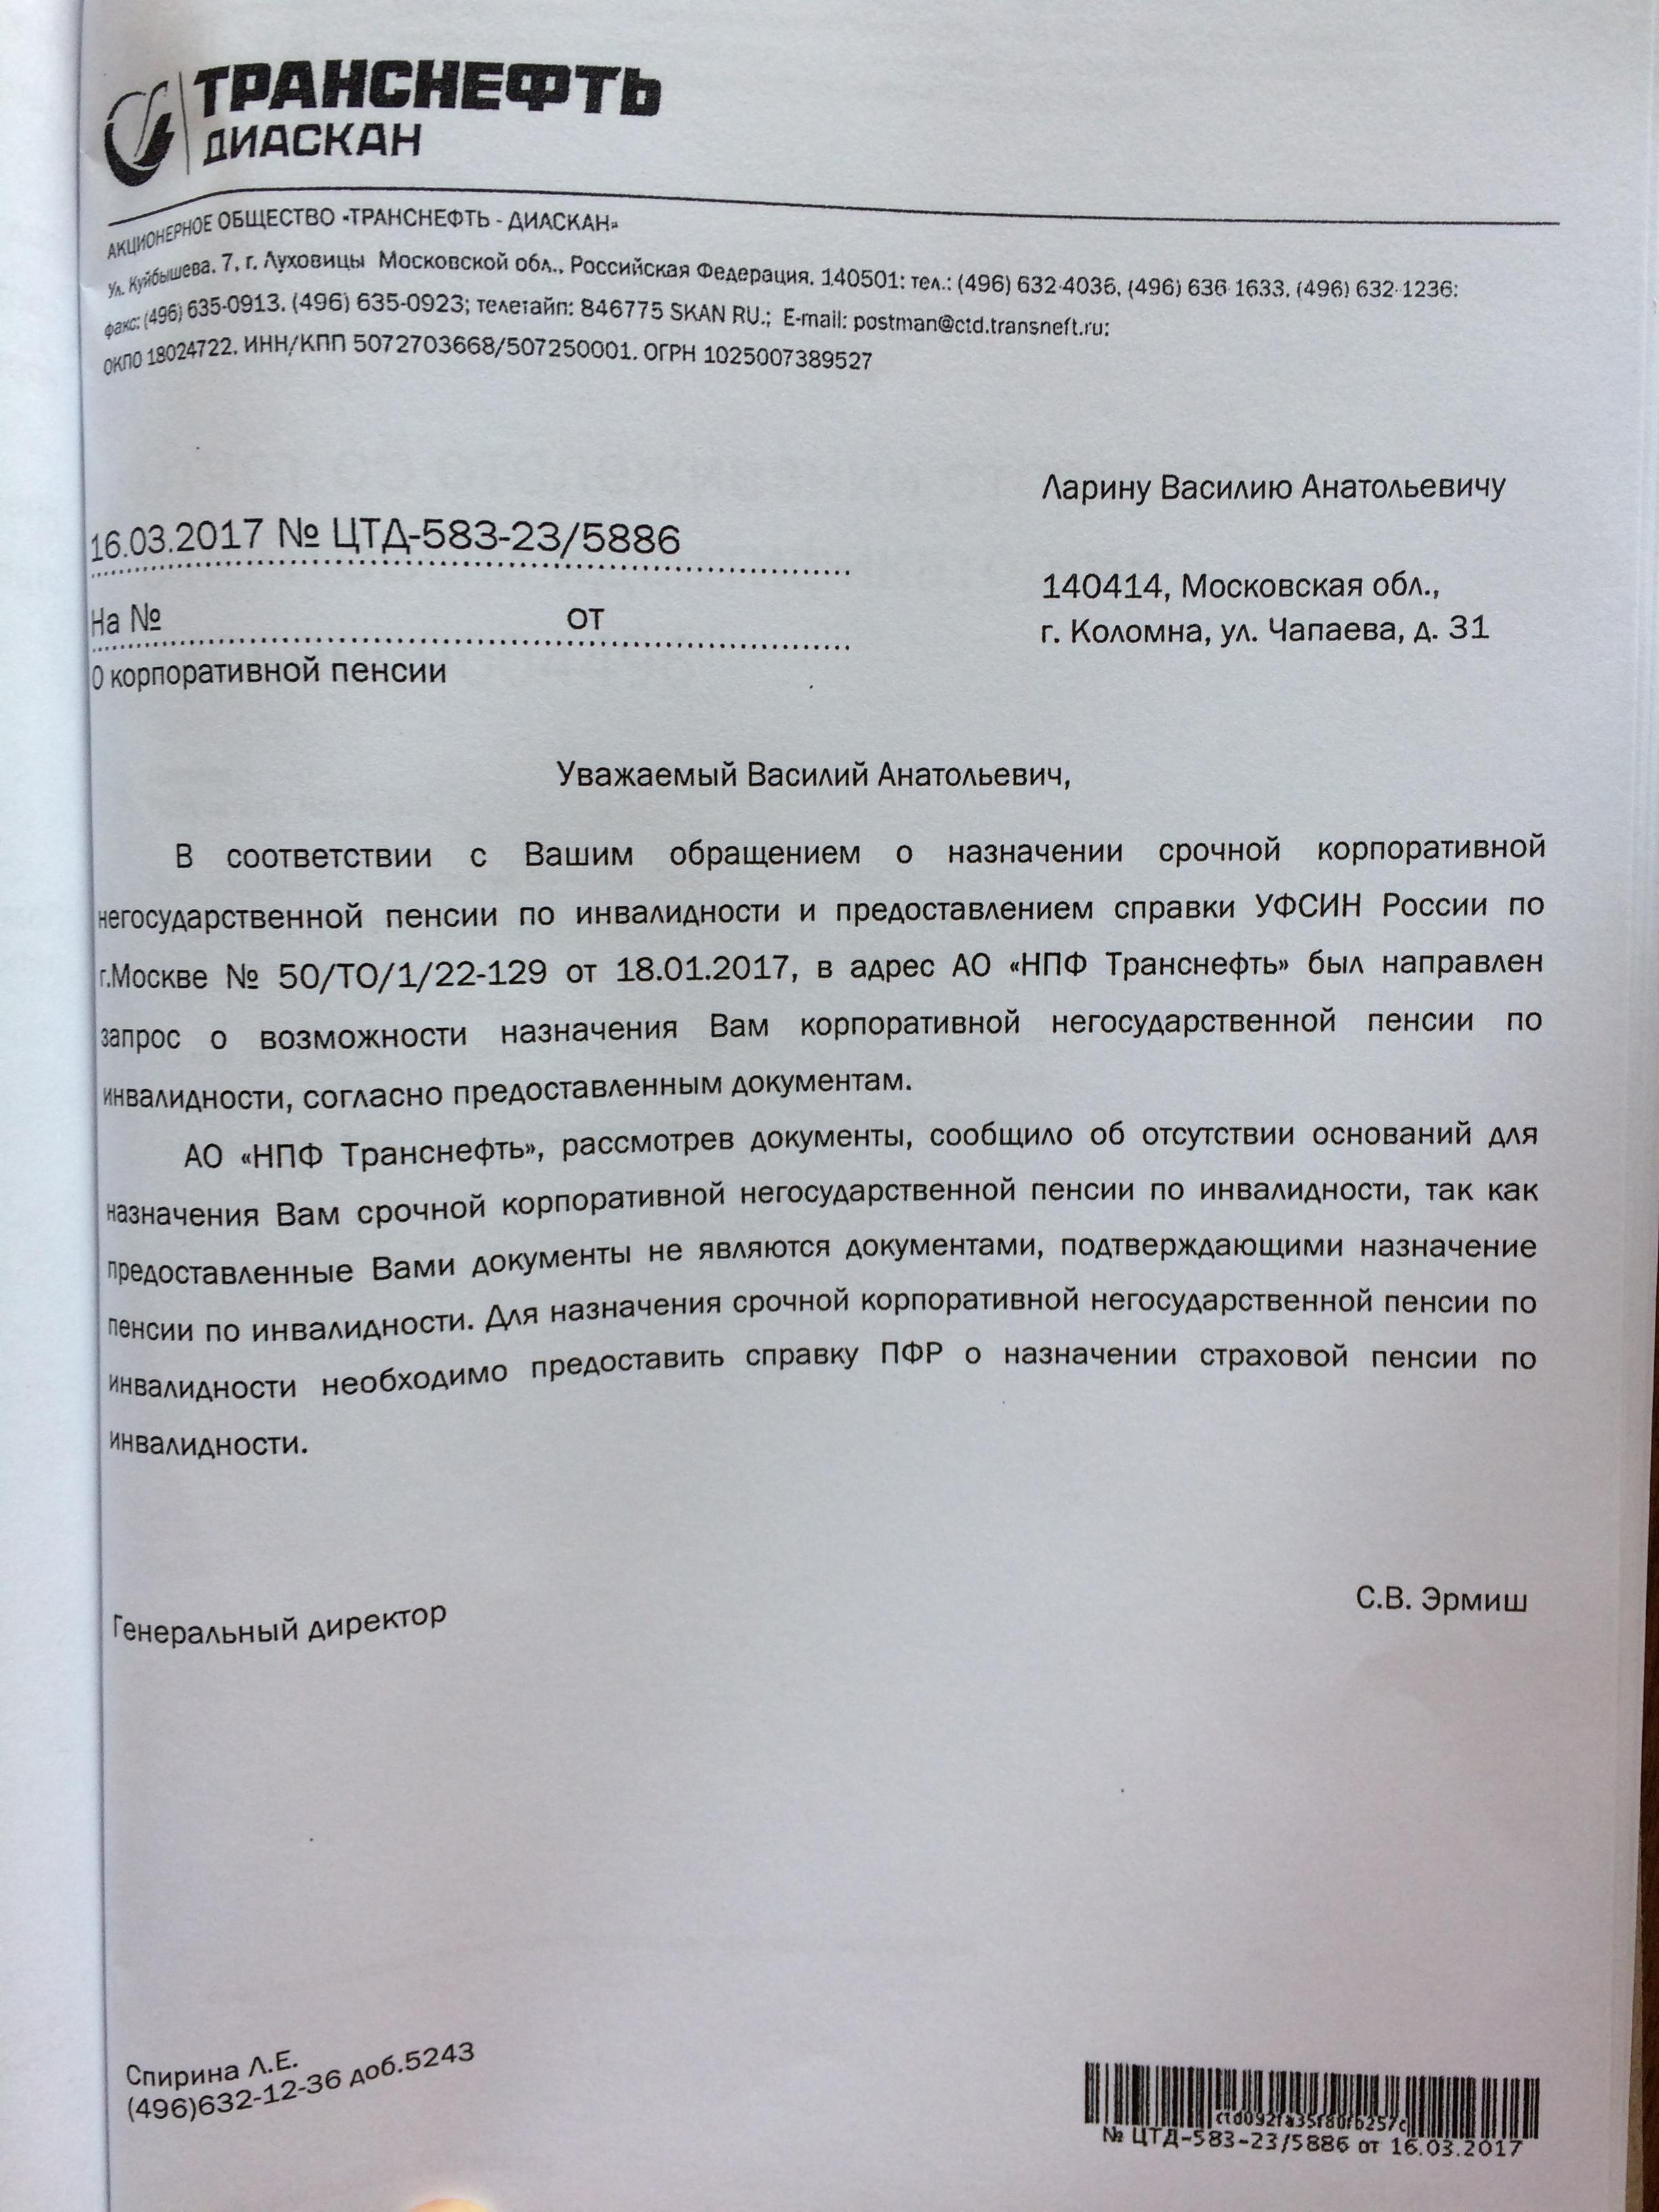 Фото документов проверки Луховицкой городской прокуратурой - 55 (5)